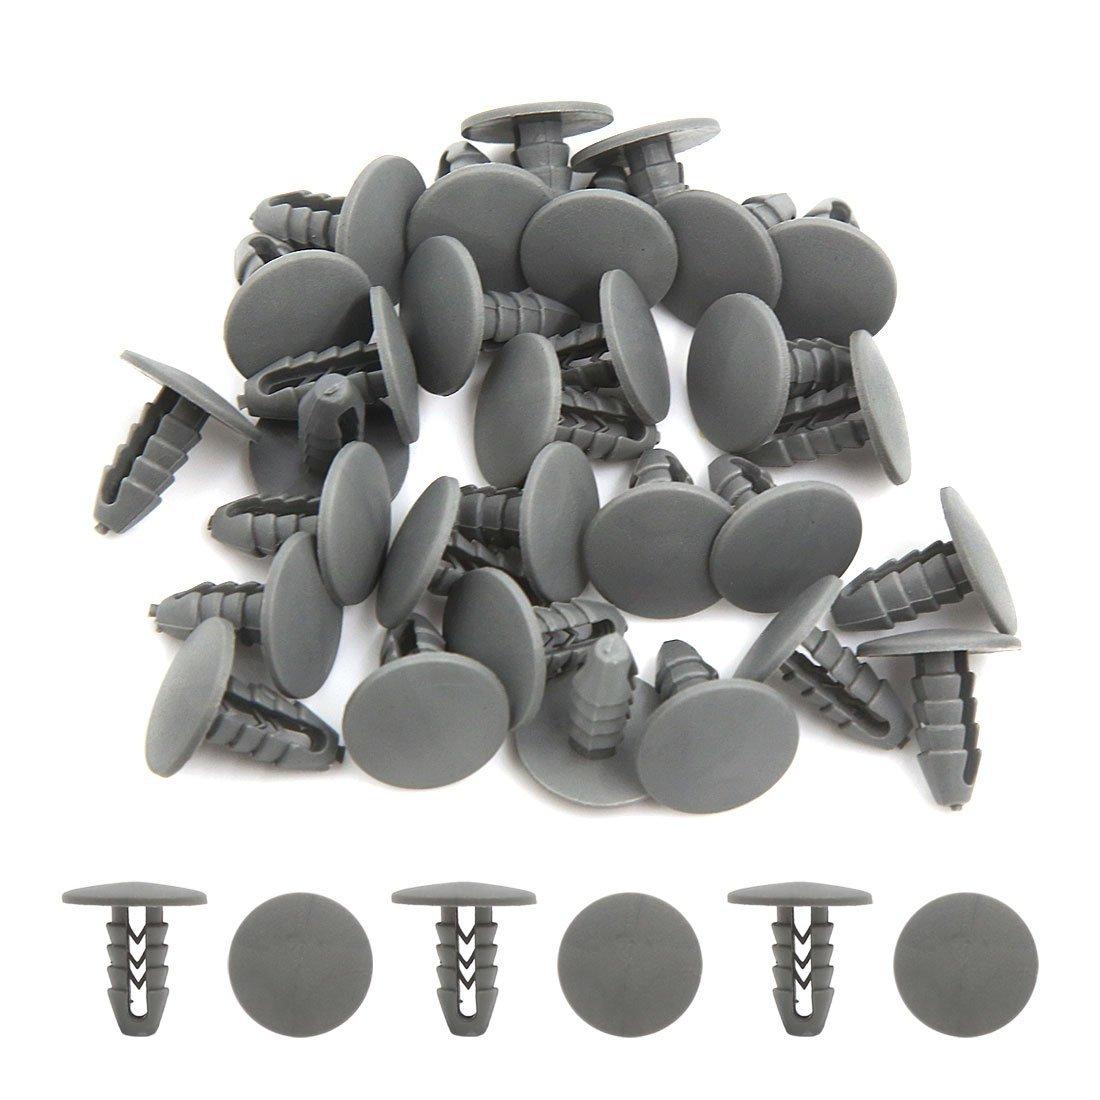 Amazon.com: eDealMax Clips 30Pcs gris del coche Universal remaches de plástico Fender parachoques de sujetadores de 8mm: Automotive